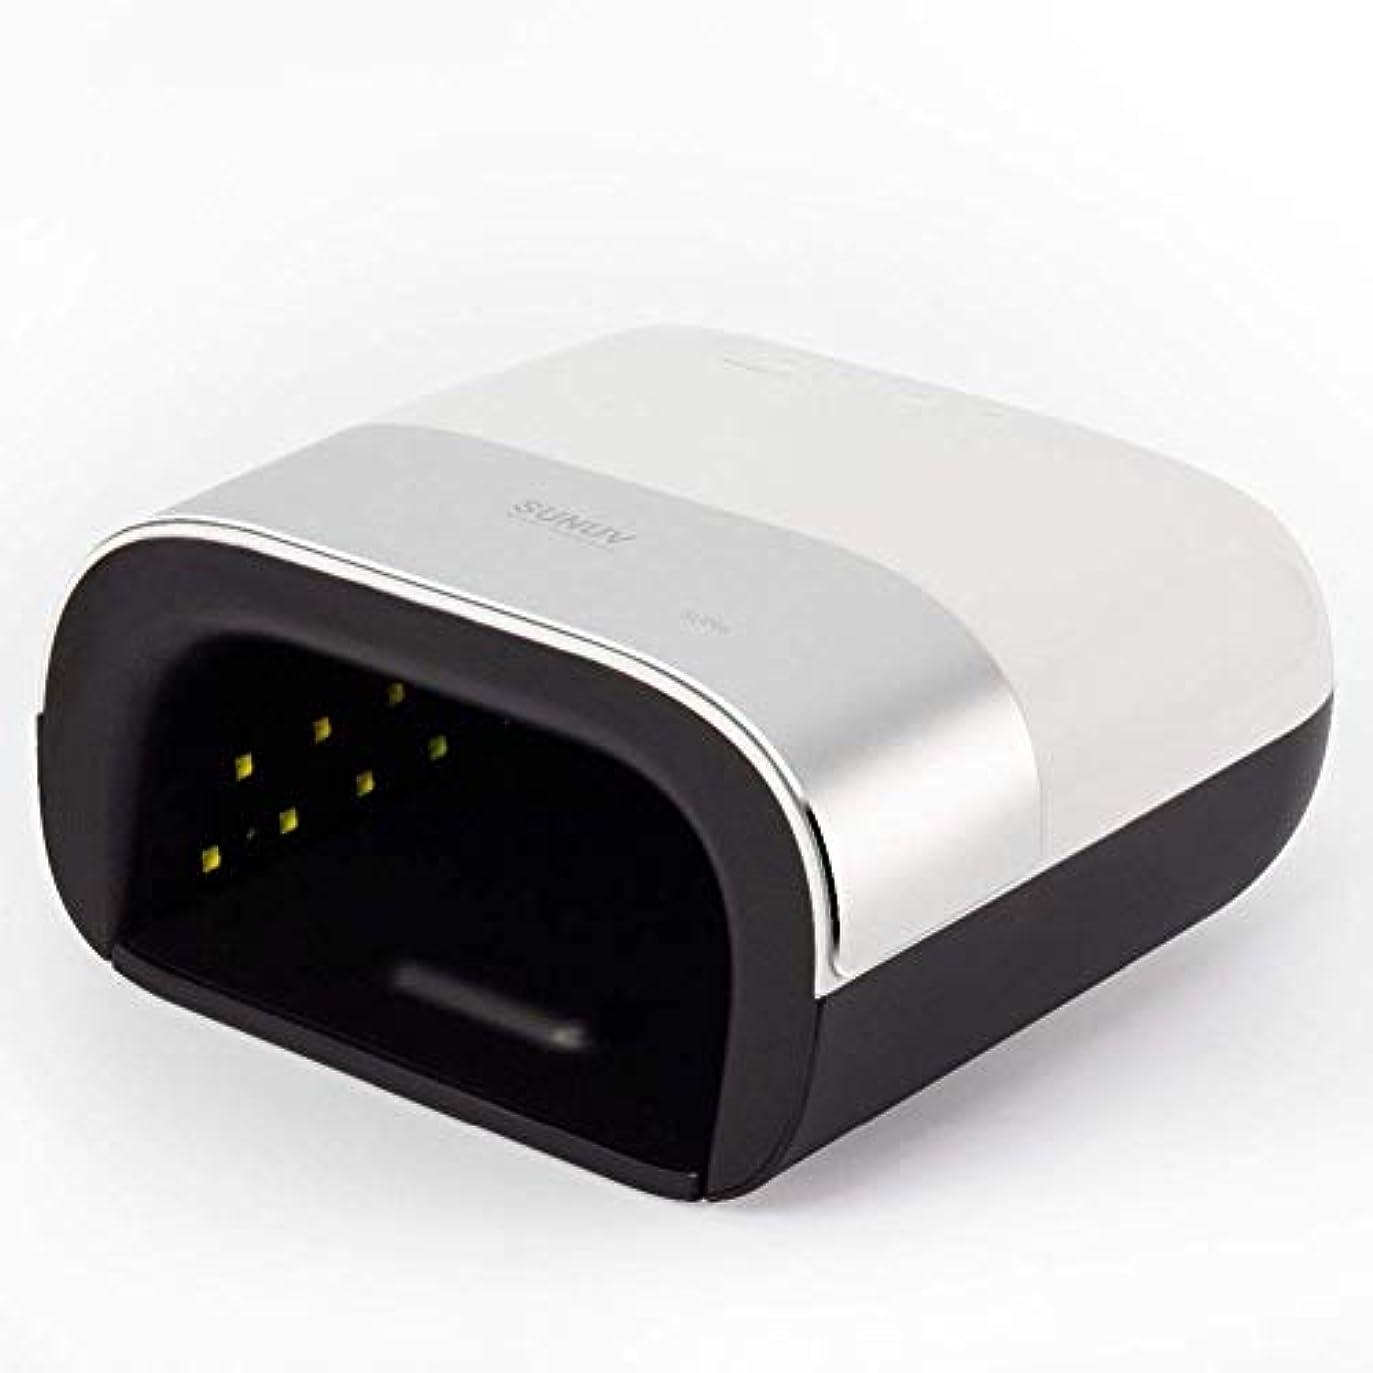 浸す比率インドネイルドライヤーネイルドライヤースマート2.0 48W UV LEDランプネイルスマートタイマーメモリ見えないデジタルタイマーディスプレイネイル乾燥機、画像としての色